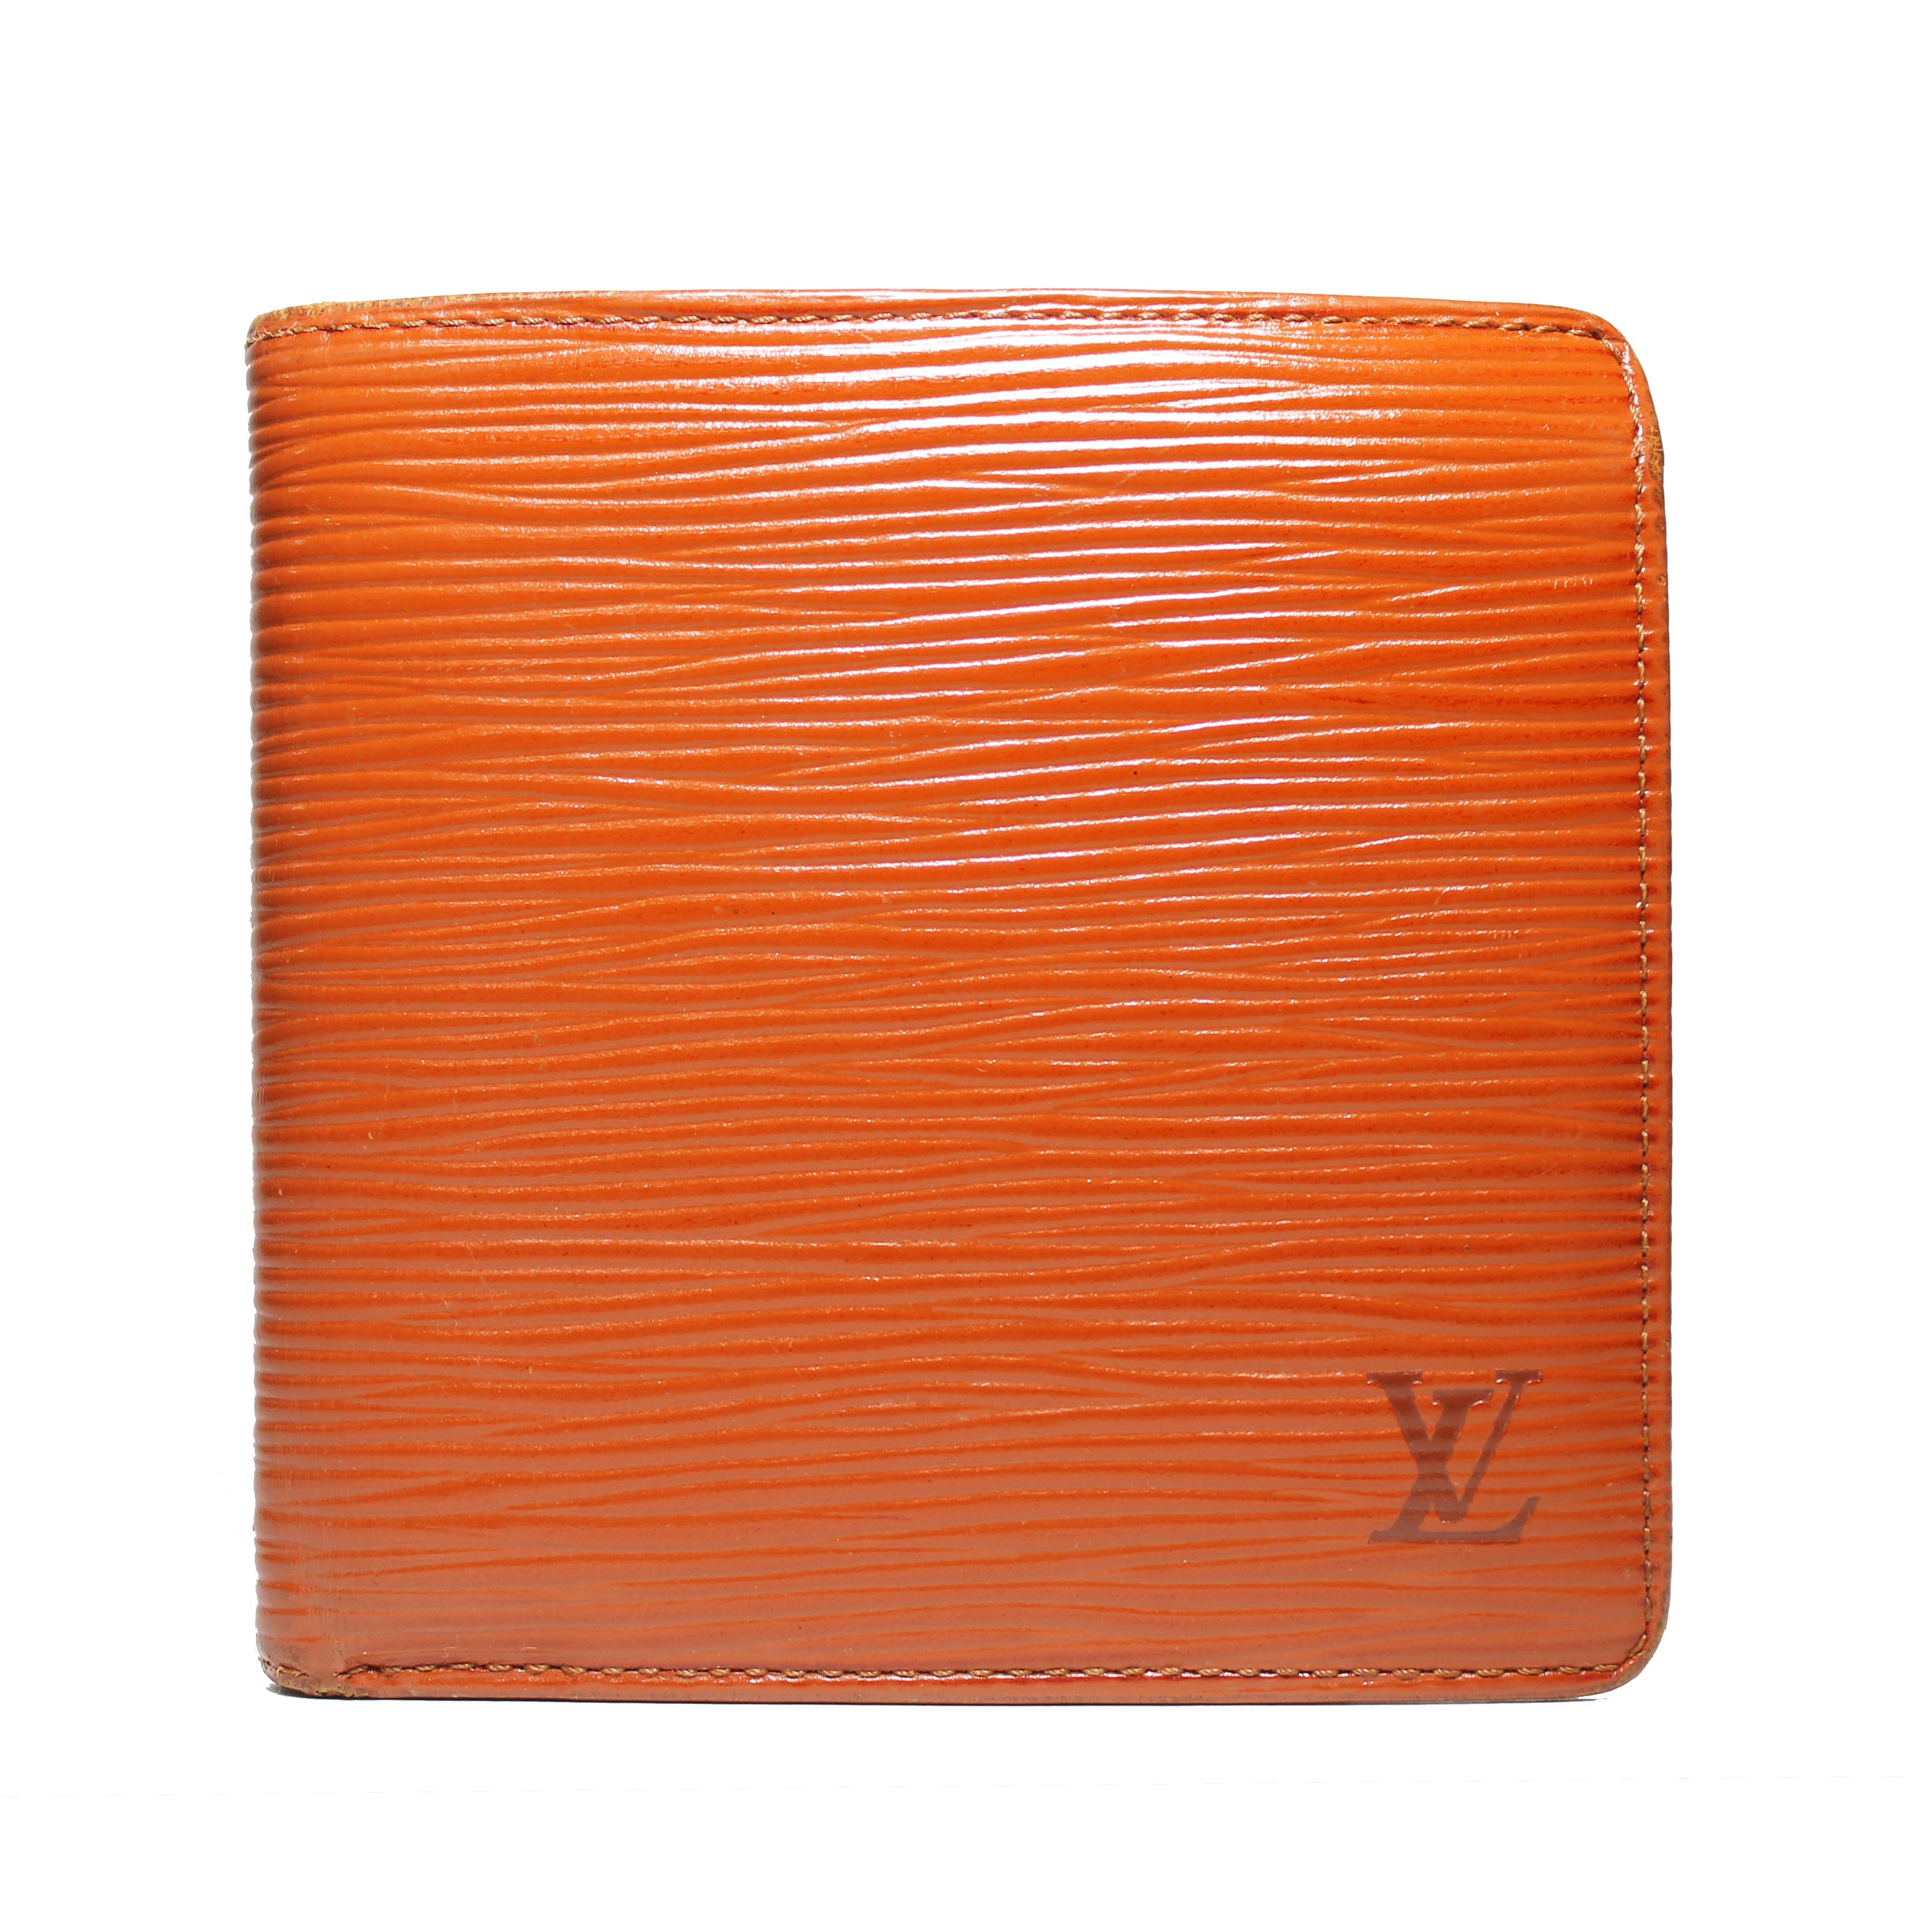 d6c3fa29be57 Louis Vuitton ×. Marco Wallet - Fawn Epi